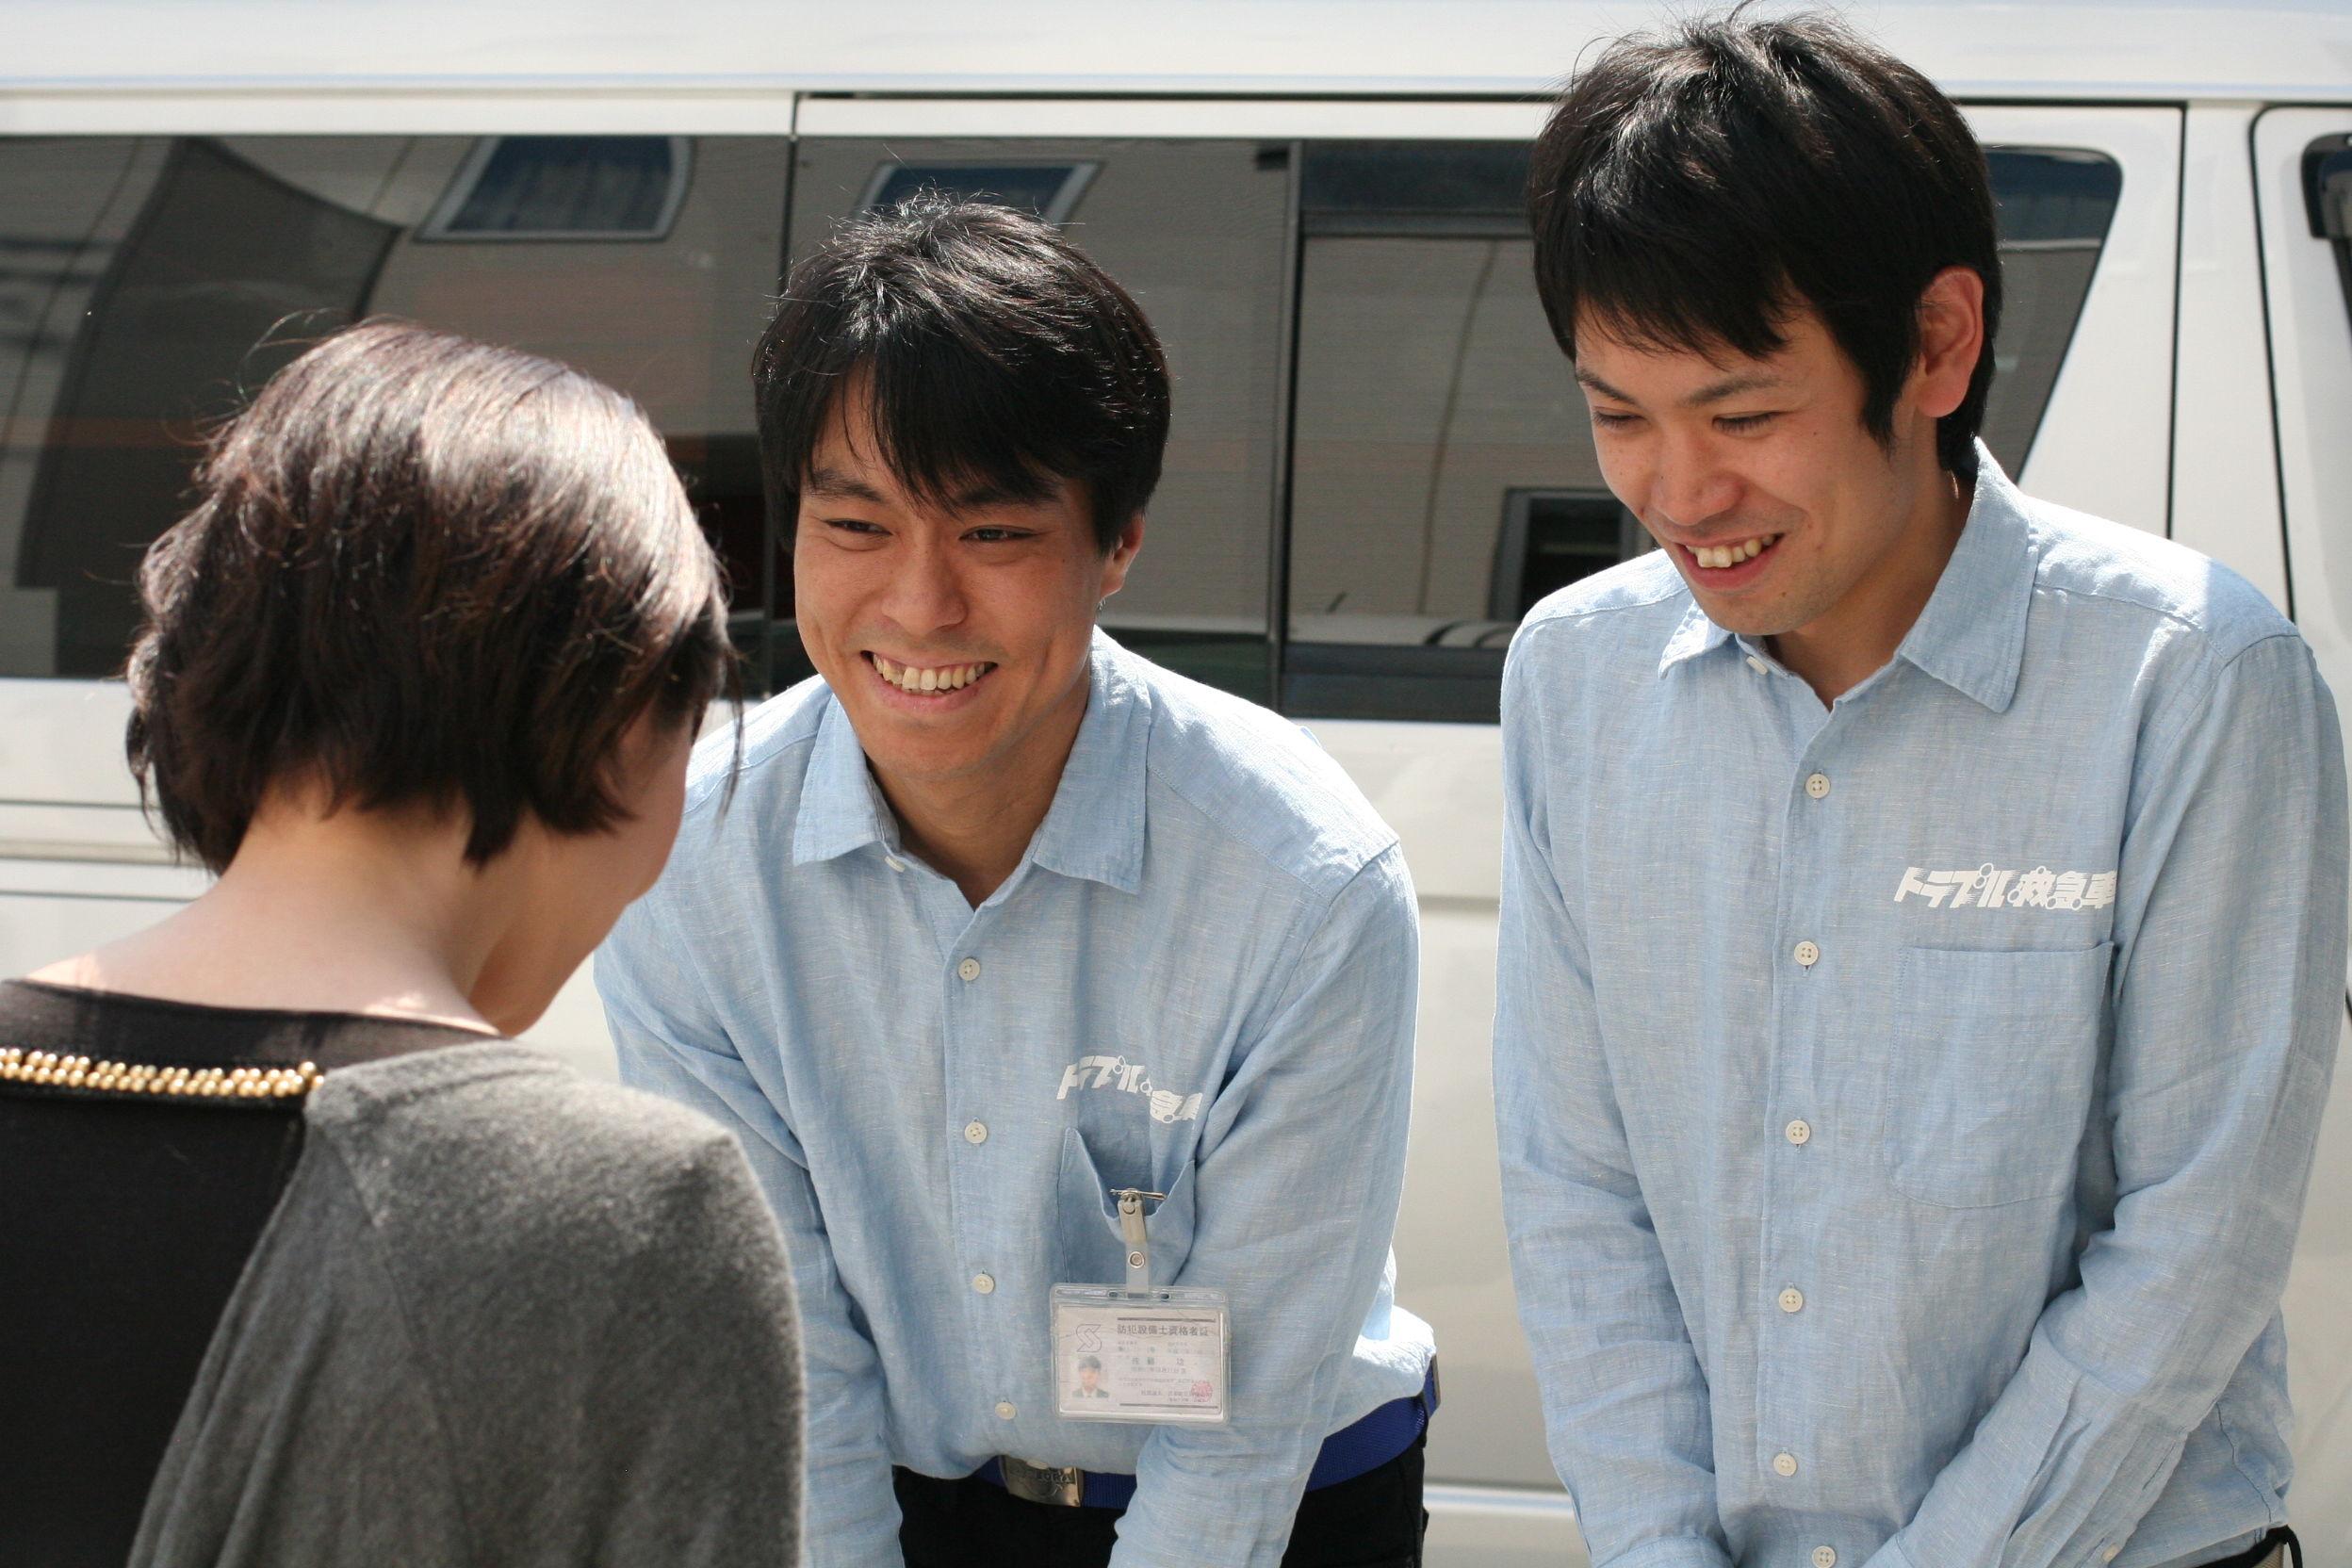 カギのトラブル救Q隊.24【東松島市 出張エリア】のアピールポイント1